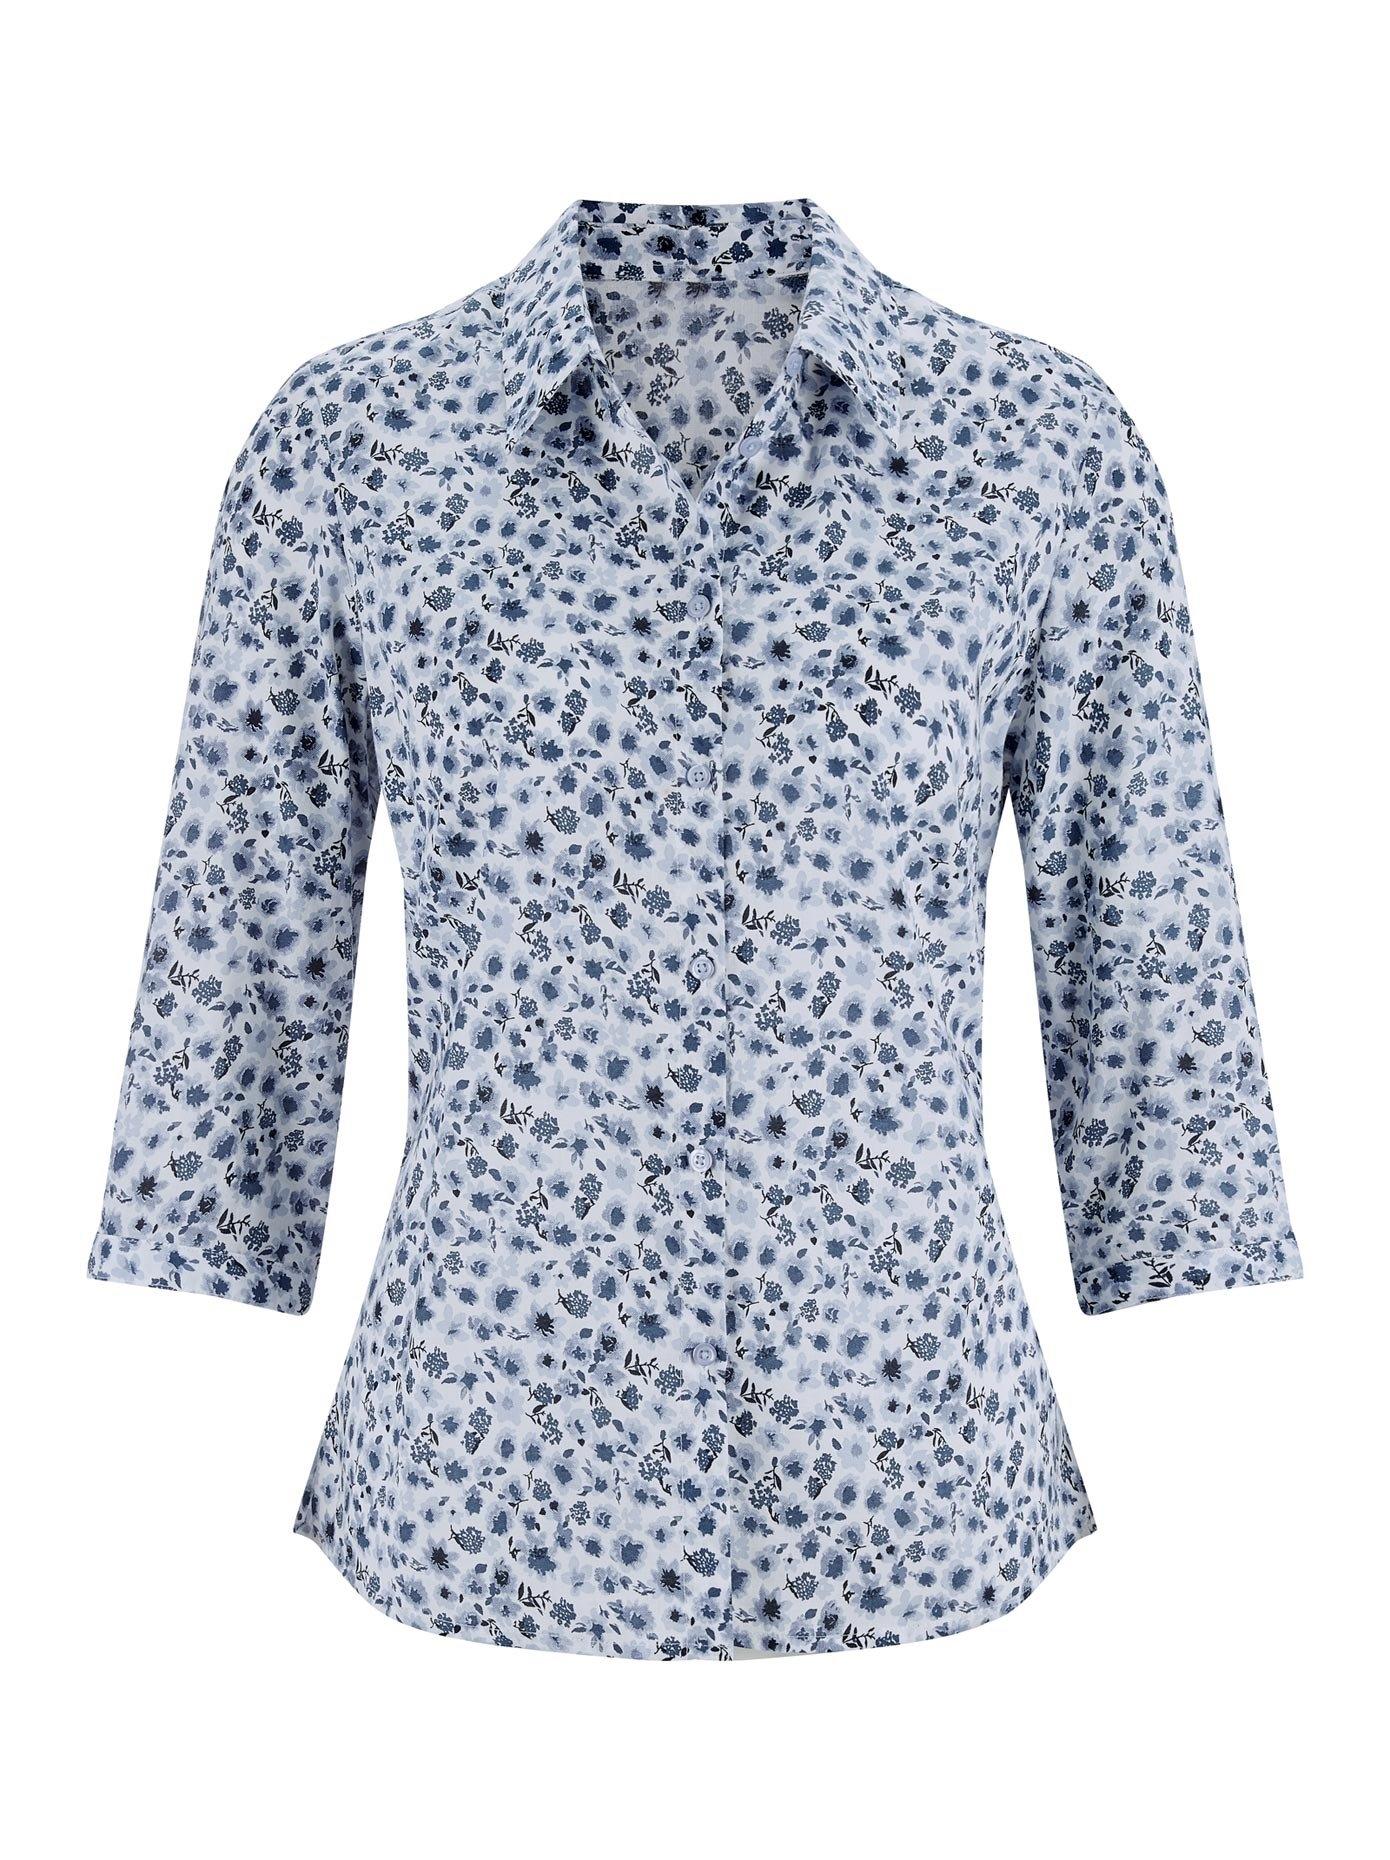 Classic Inspirationen gedessineerde blouse goedkoop op otto.nl kopen